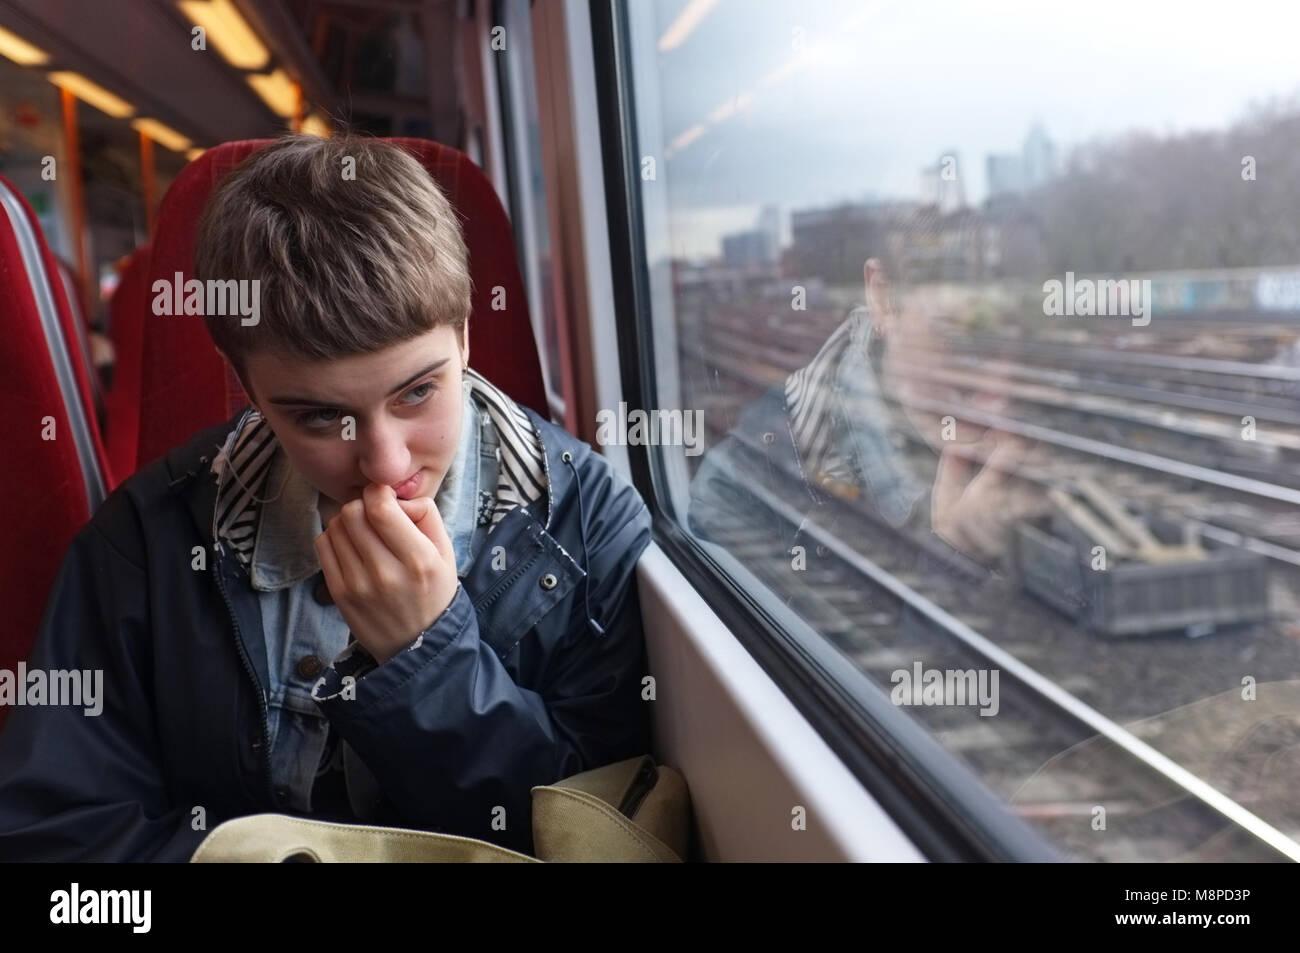 Une fille nerveux dans un train. Photo Stock